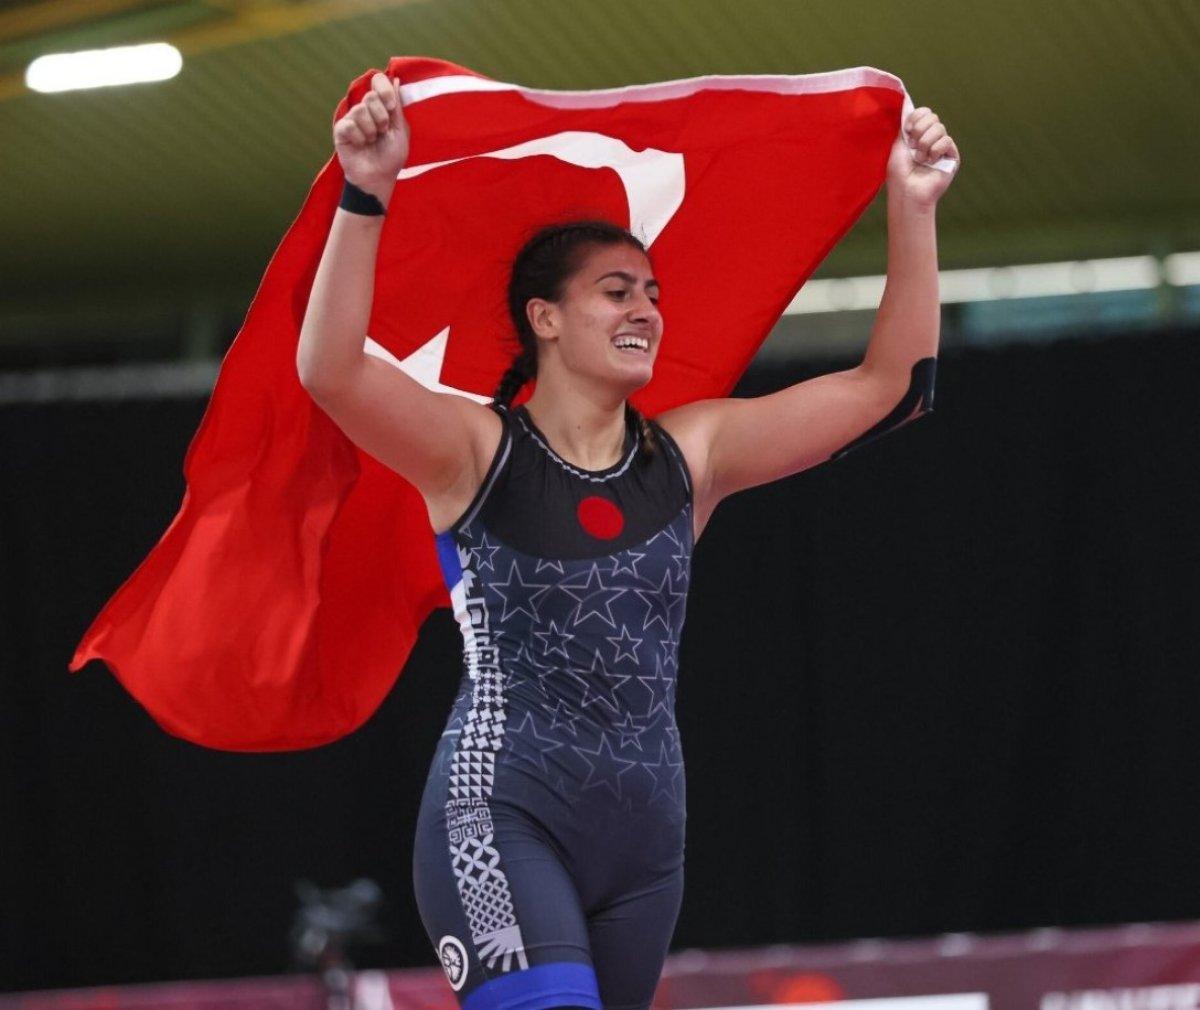 Avrupa Gençler Güreş Şampiyonası nda Melisa Sarıtaç altın madalya kazandı #2